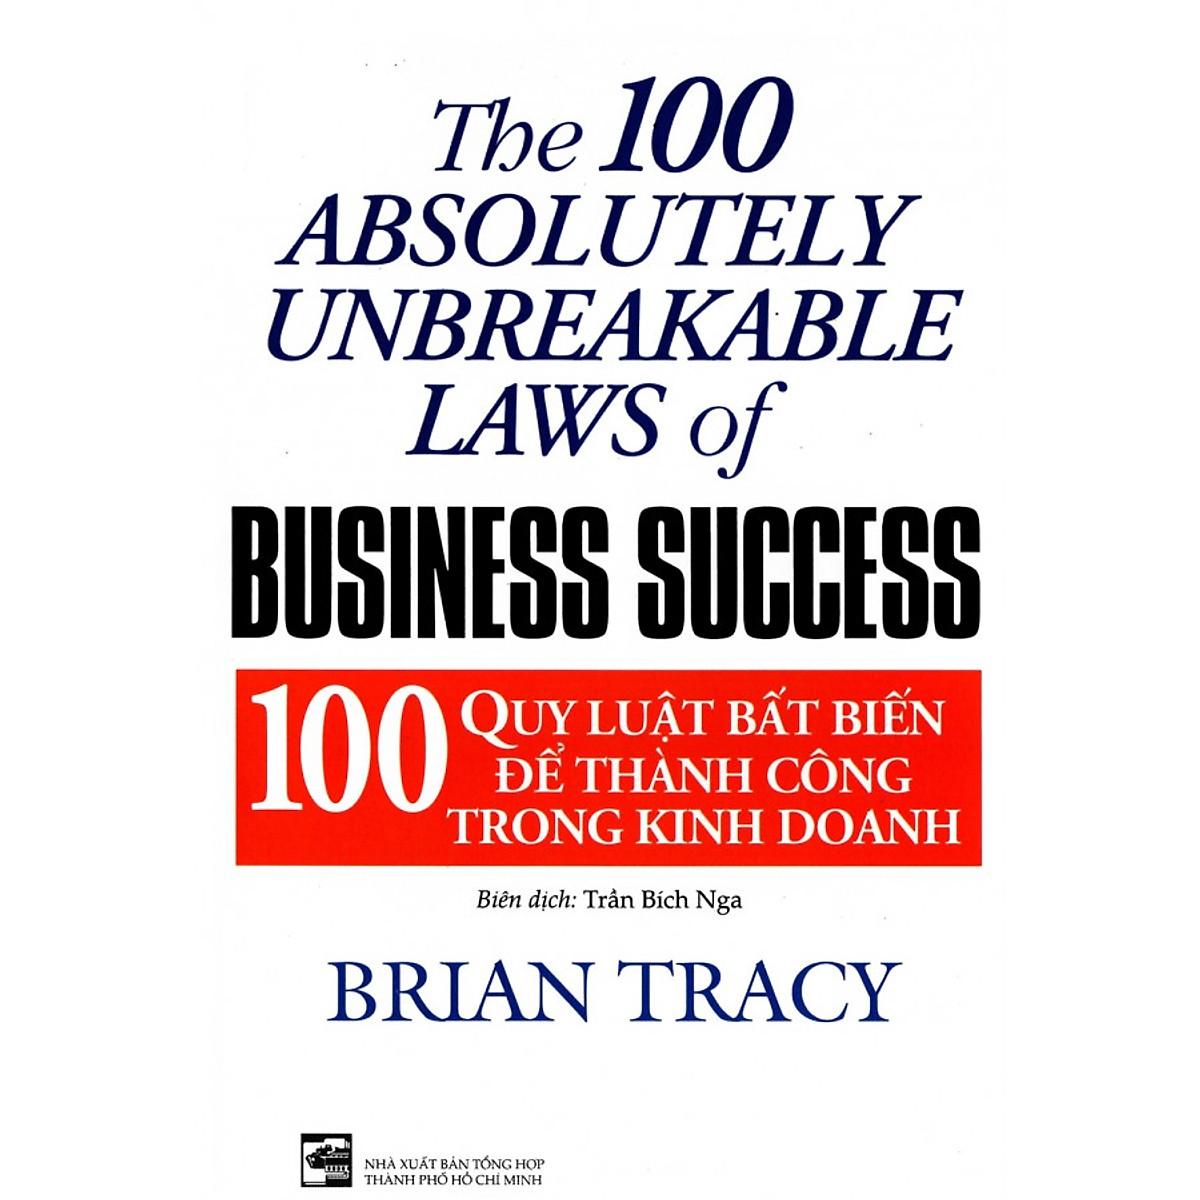 100 quy luật bất biến để thành công trong kinh doanh (tái bản)